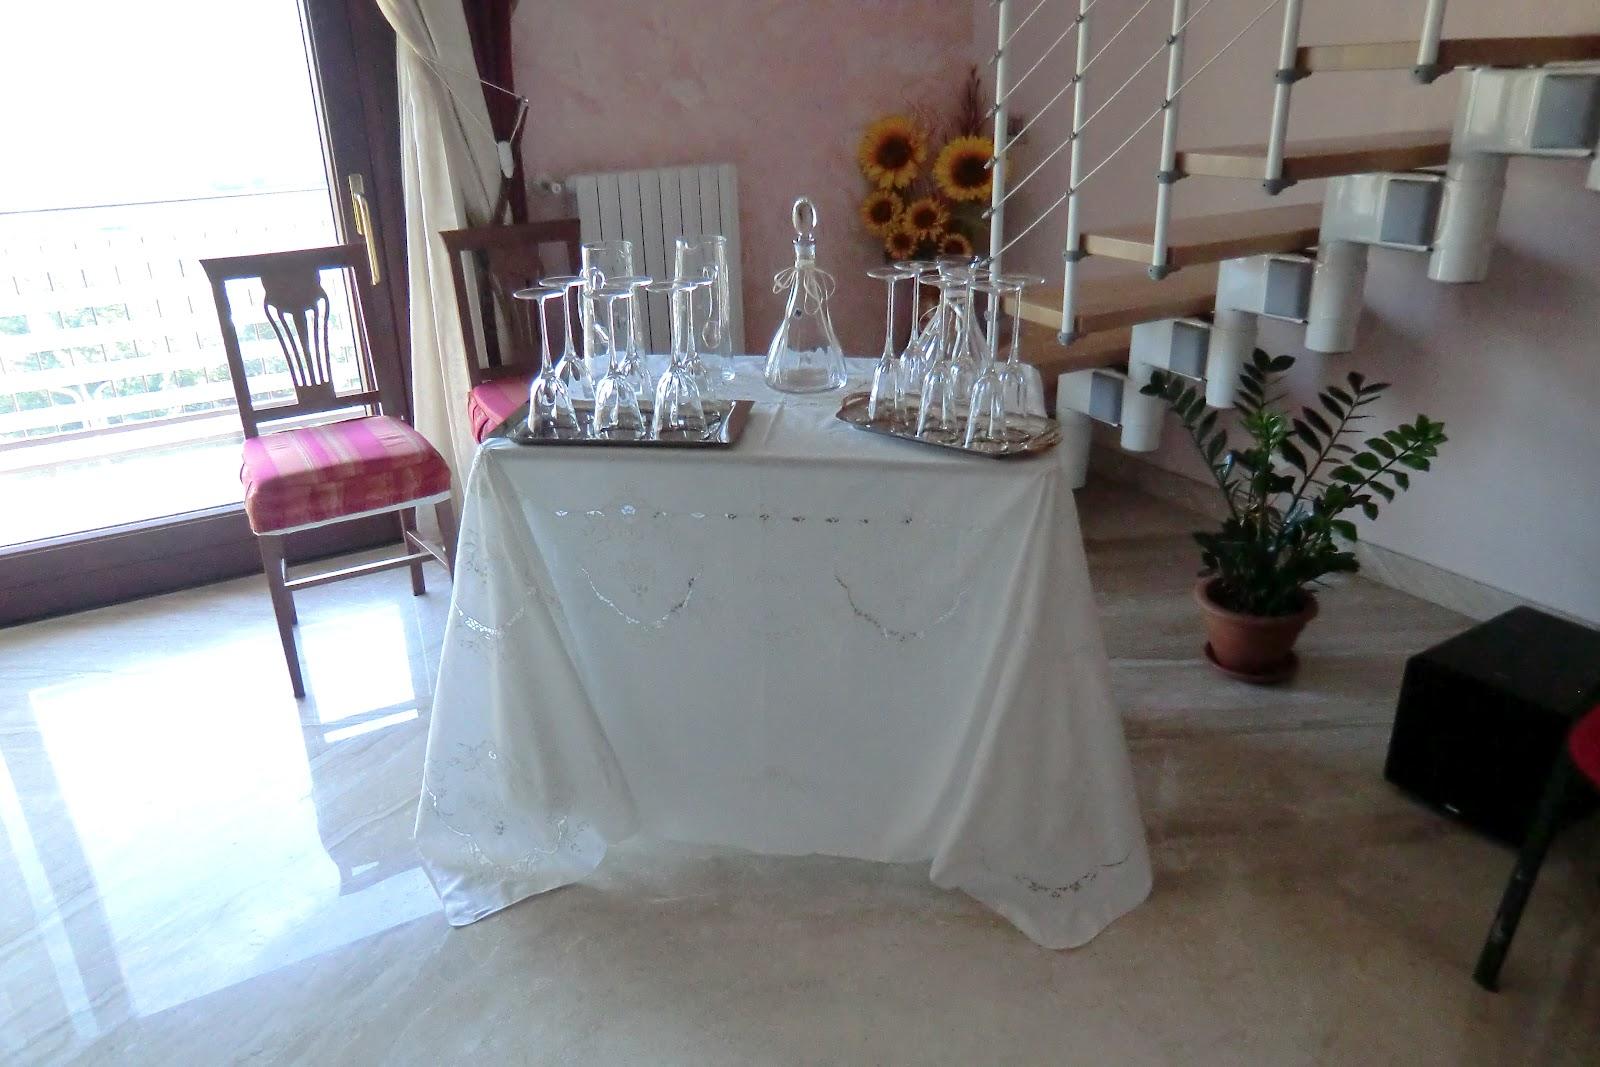 Come addobbare la casa dello sposo 28 images simple come decorare la casa dello sposo - Come addobbare la casa della sposa il giorno del matrimonio ...